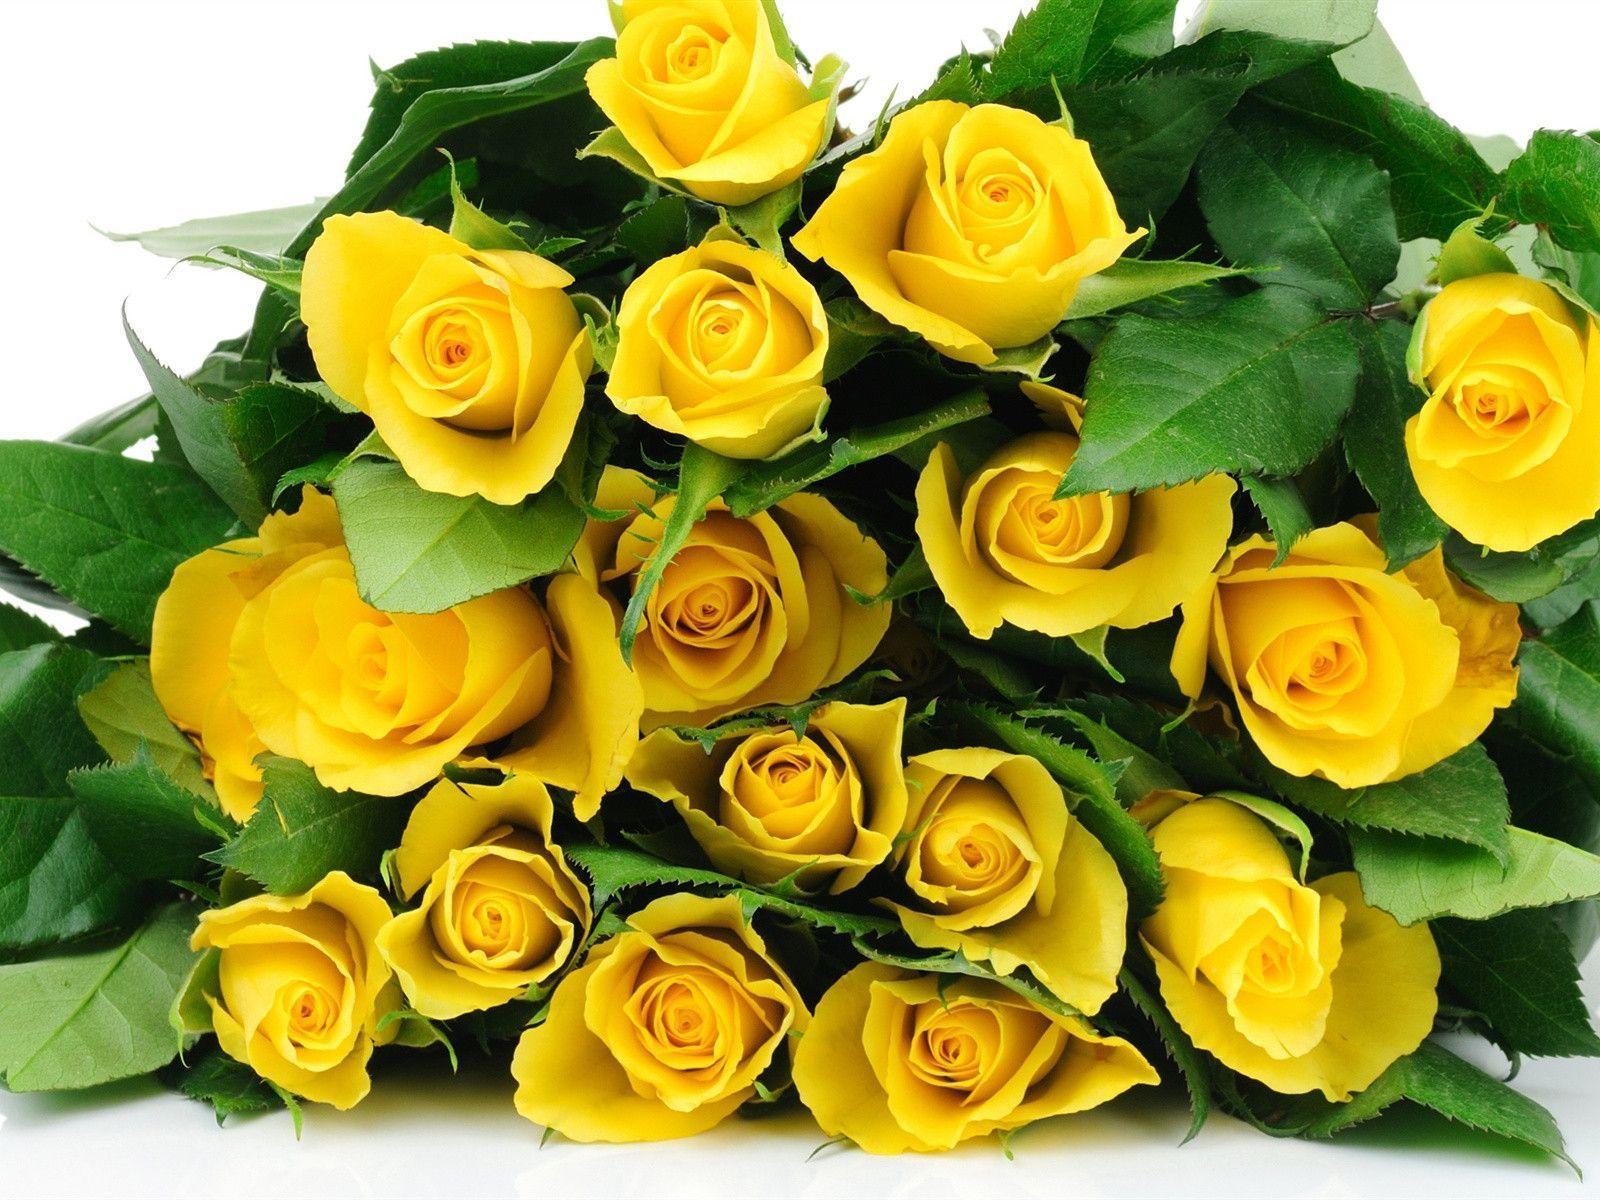 tải ảnh hoa hồng vàng